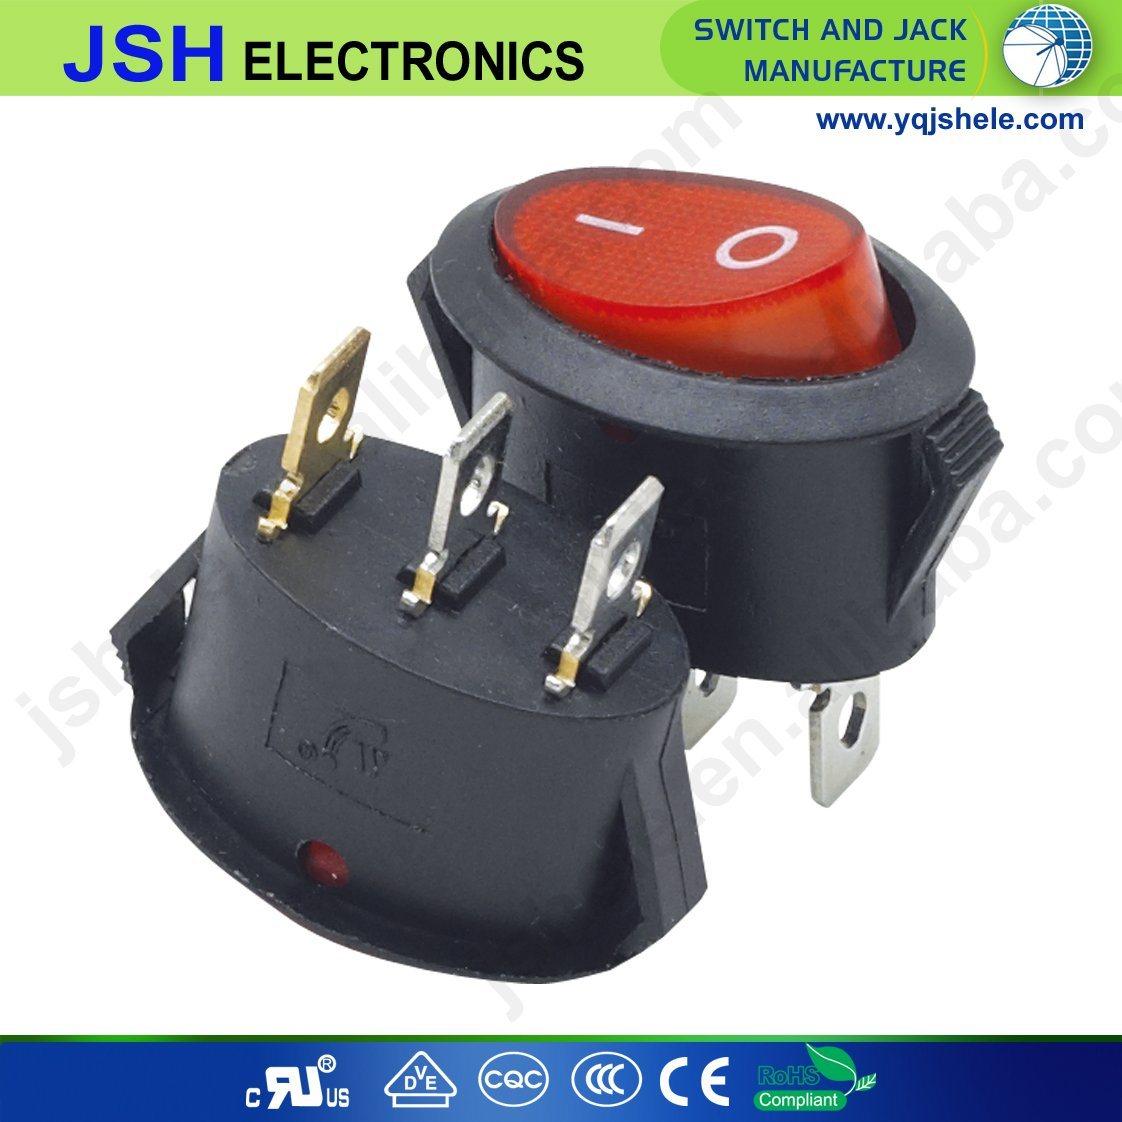 China T85 Oval Rocker Switch with Light - China Illumianted Rocker ...